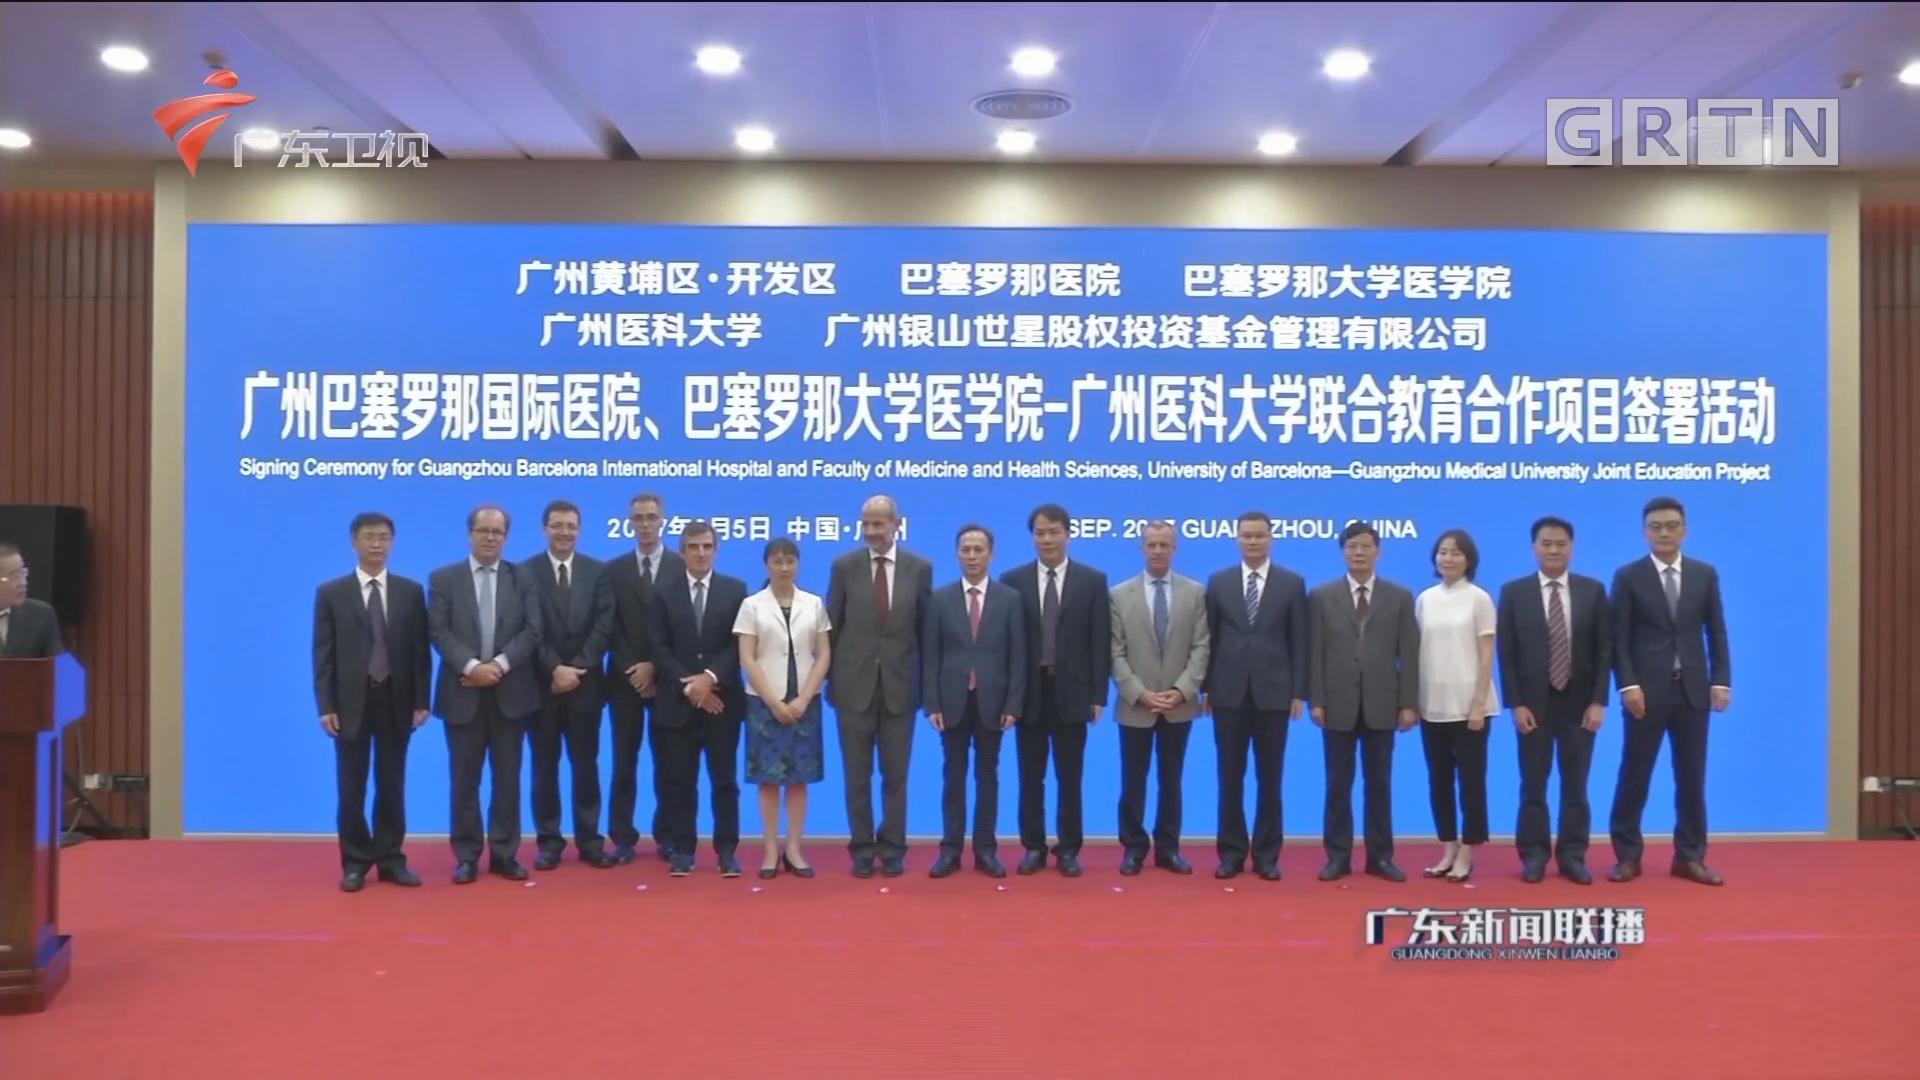 三大高端国际医疗项目落户广州